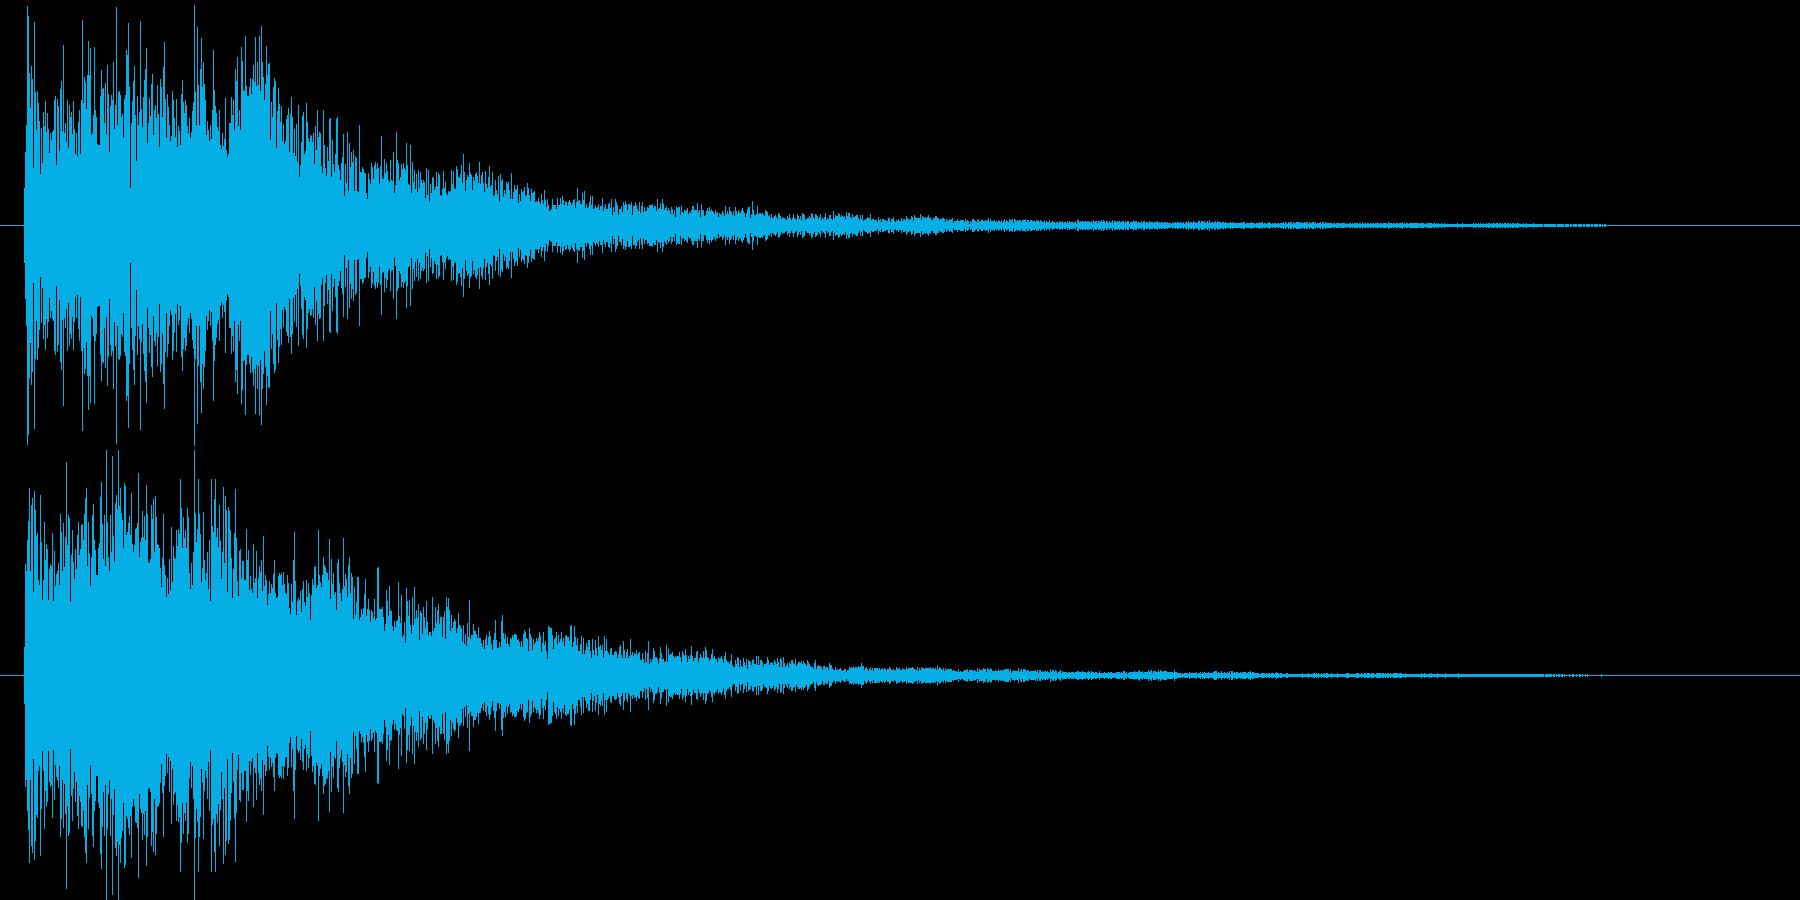 和風クリックジングルアイキャッチの再生済みの波形